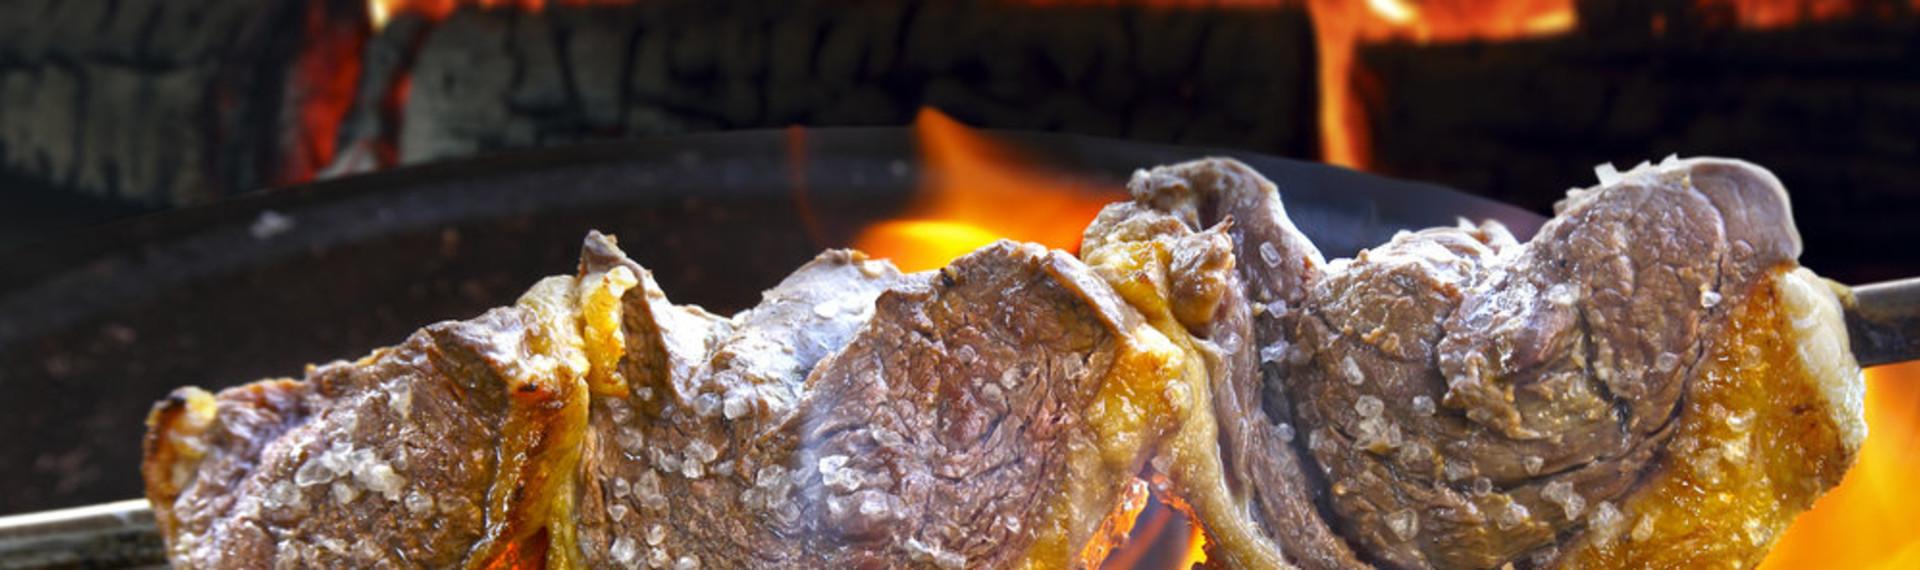 brasilianisches restaurant in köln